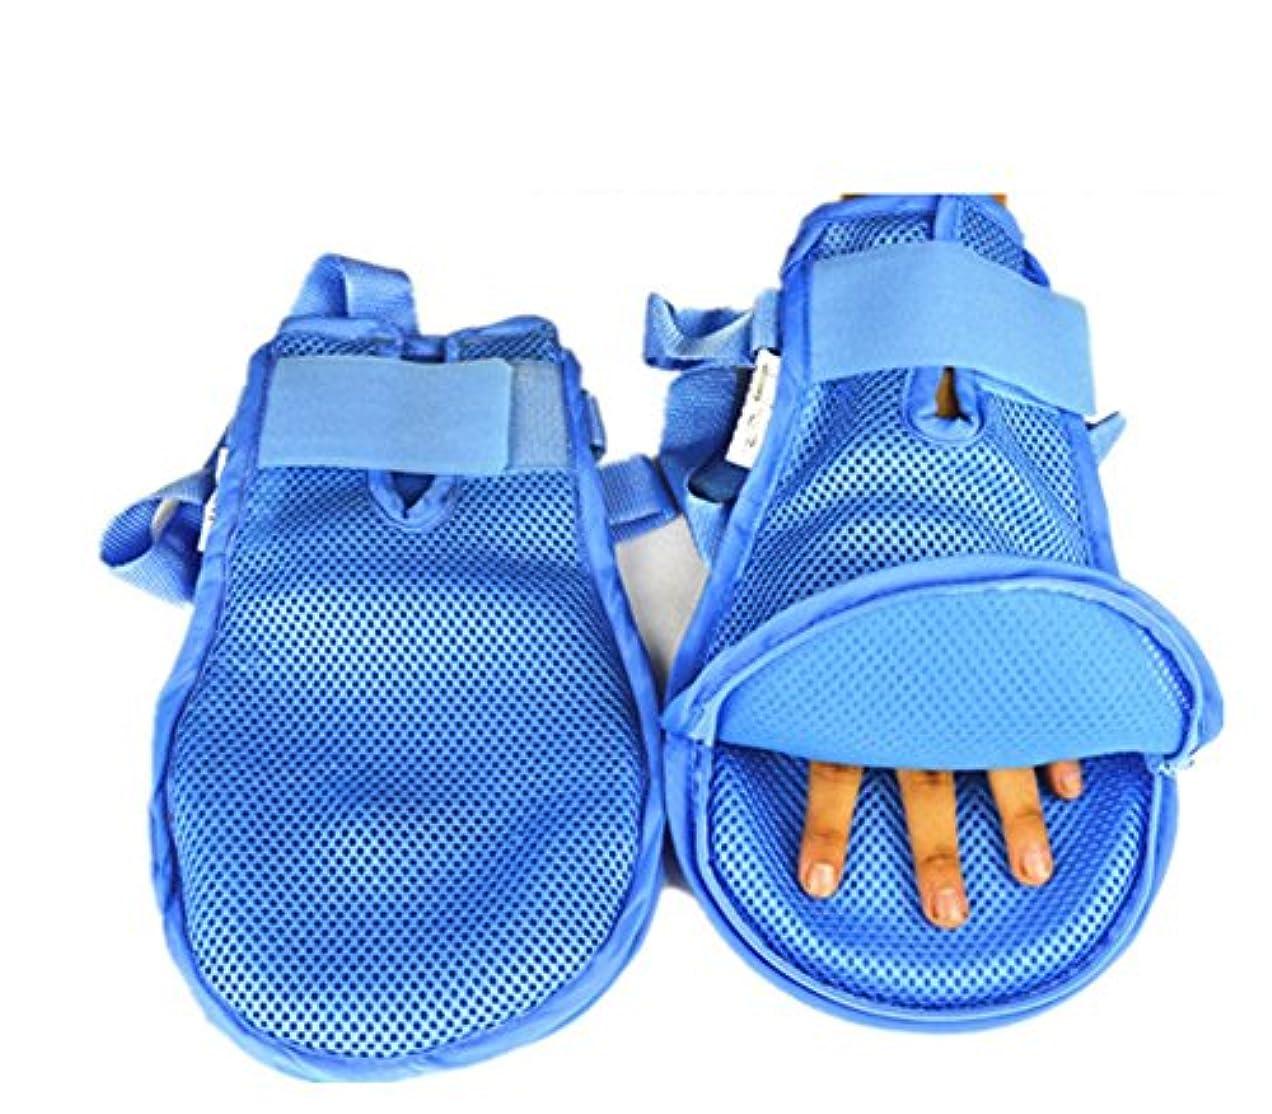 カメ甘やかすハンカチ拘束手袋、指のコントロールミット医療の通気性の患者の抗褥瘡手袋高齢者のためのスクラッチ包帯リストストラップS、M、L